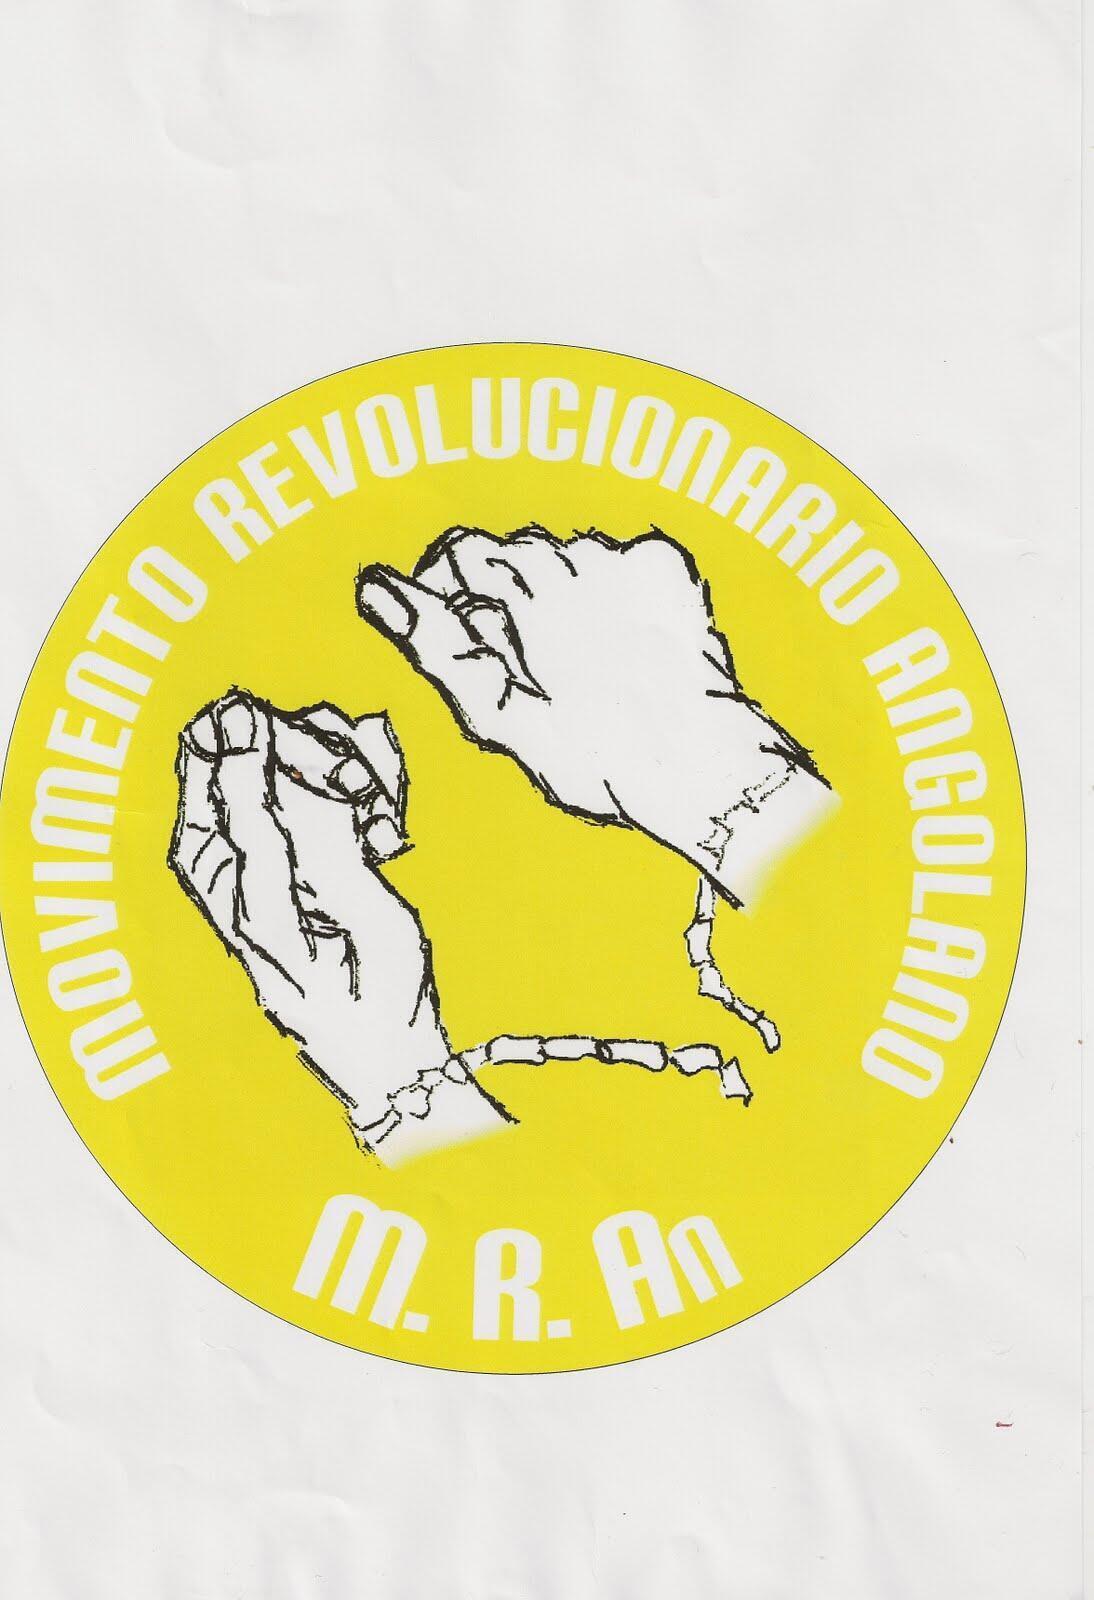 Movimento Revolucionário manifesta a 1 de Junho 2019 em Luanda, para protestar contra o Presidente João lourenço